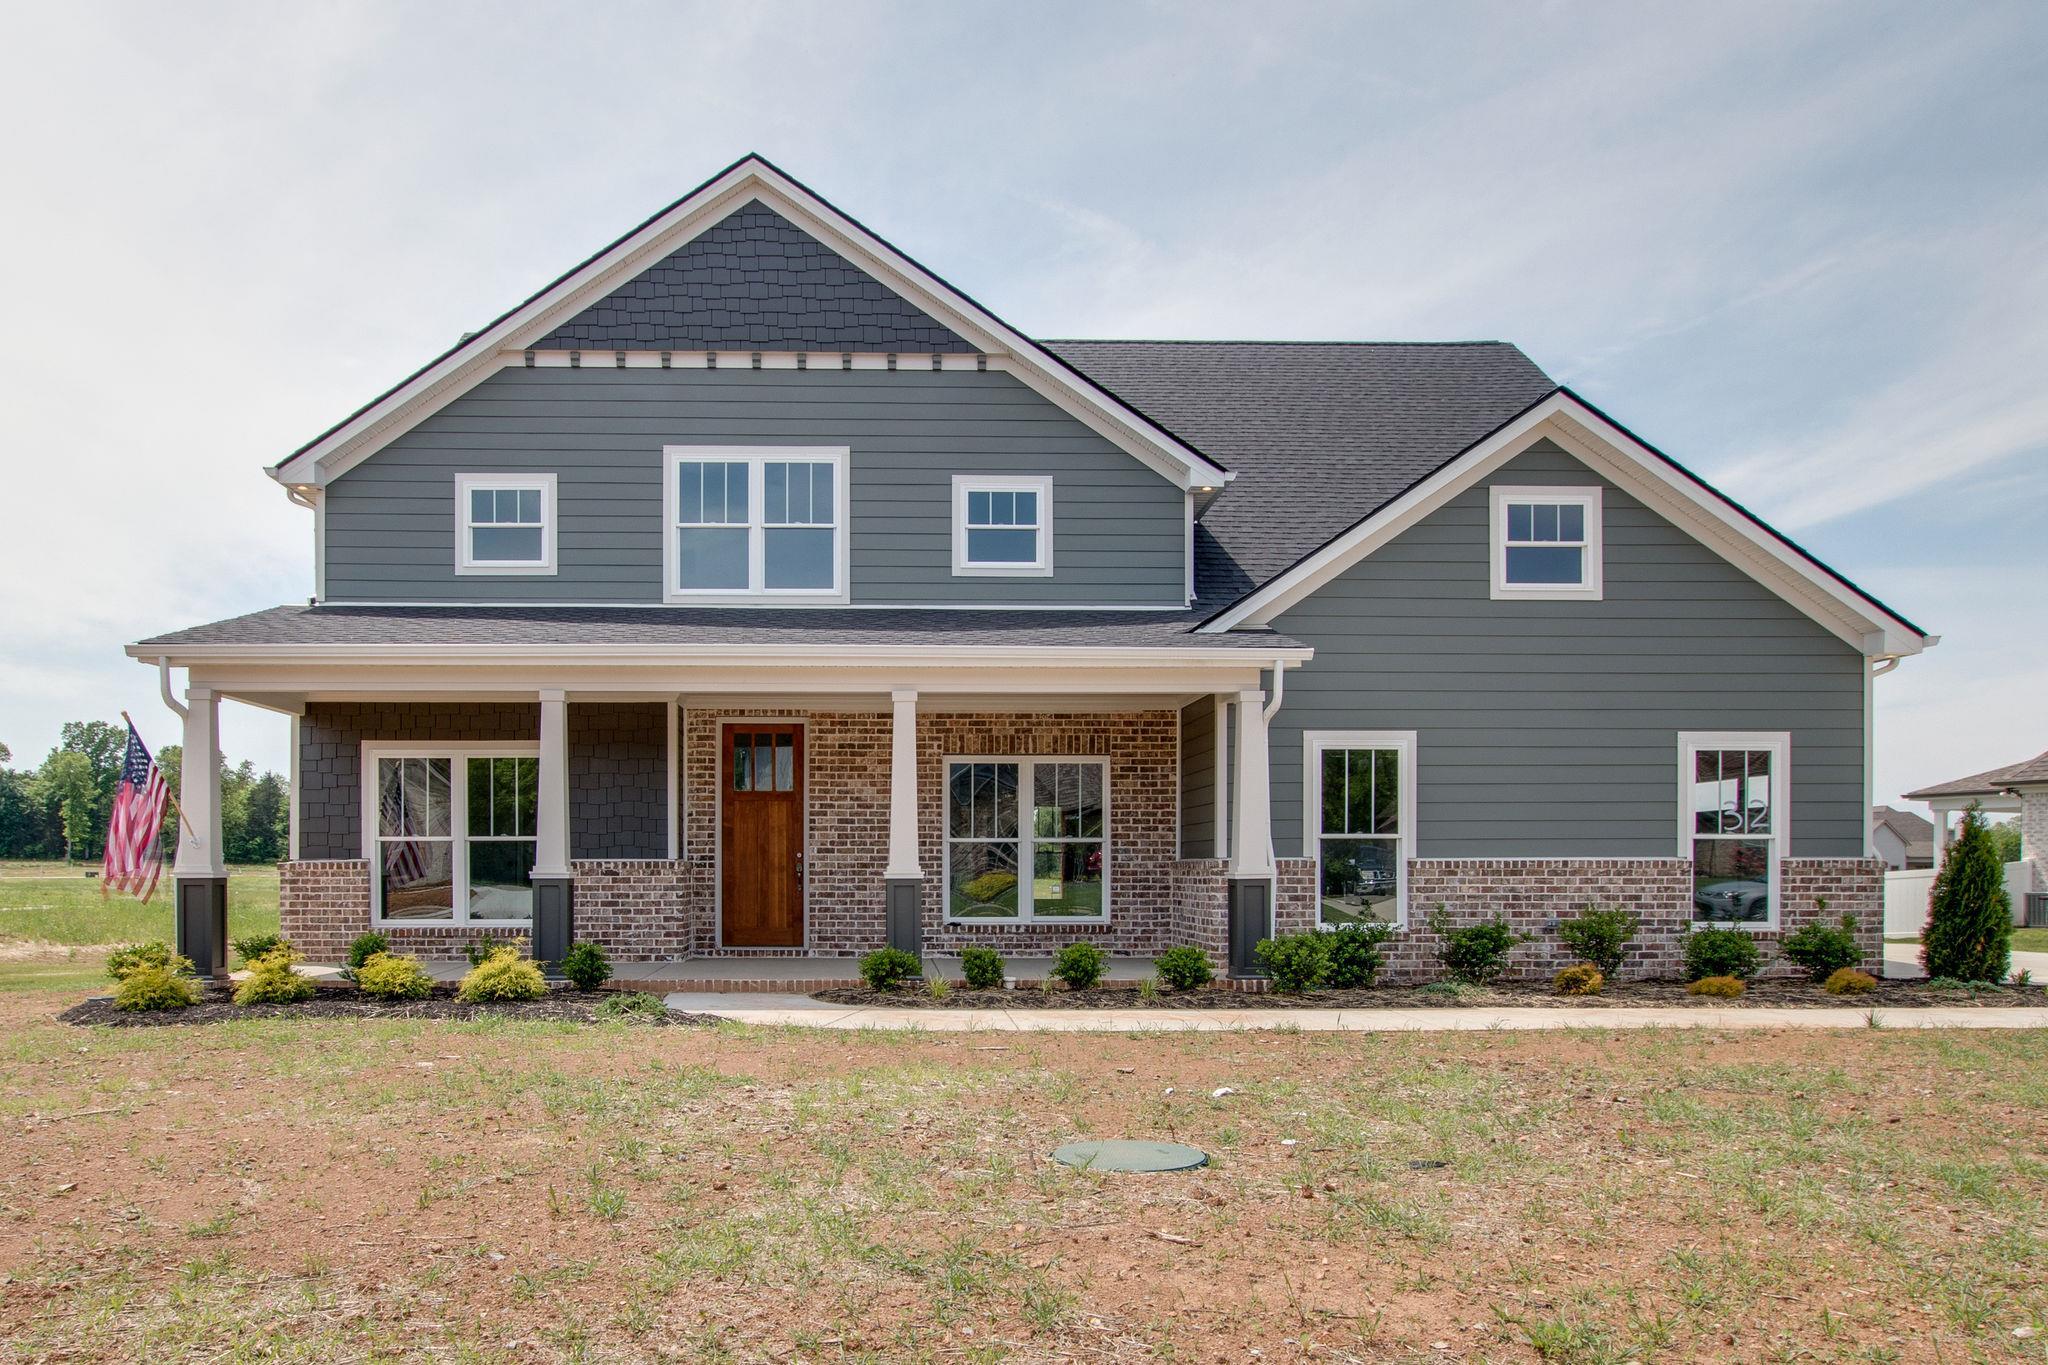 2065 Trout Trail, Murfreesboro, TN 37129 - Murfreesboro, TN real estate listing